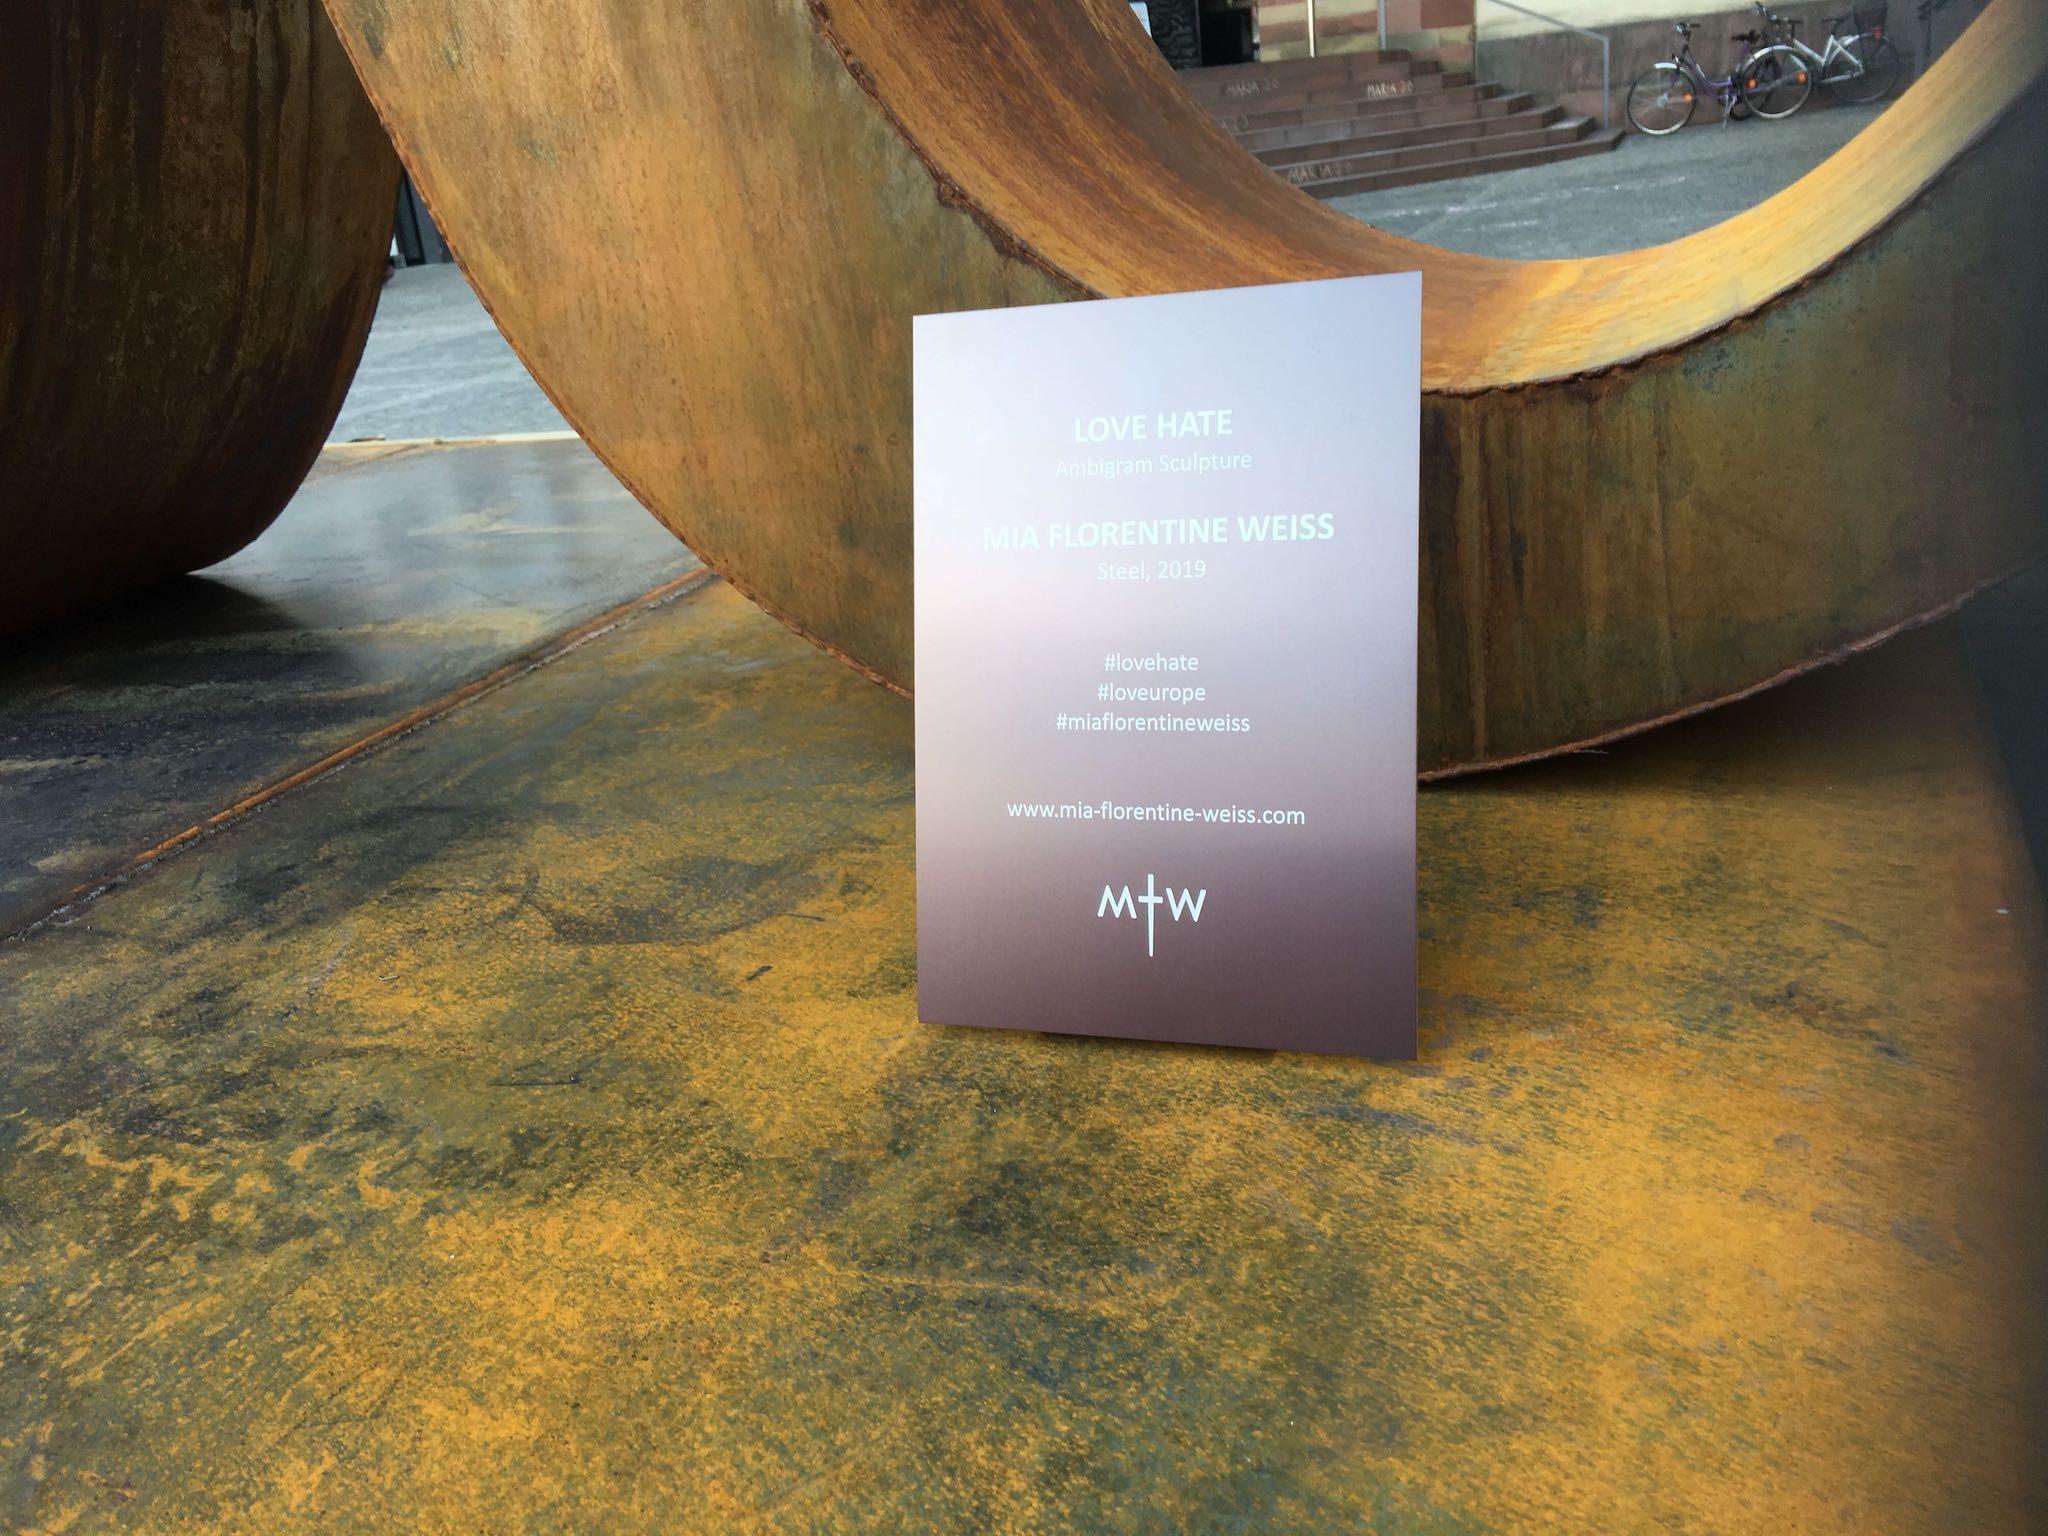 Die LOVE HATE Skulptur von Mia Florentine Weiss. Foto: Pascal Höfig